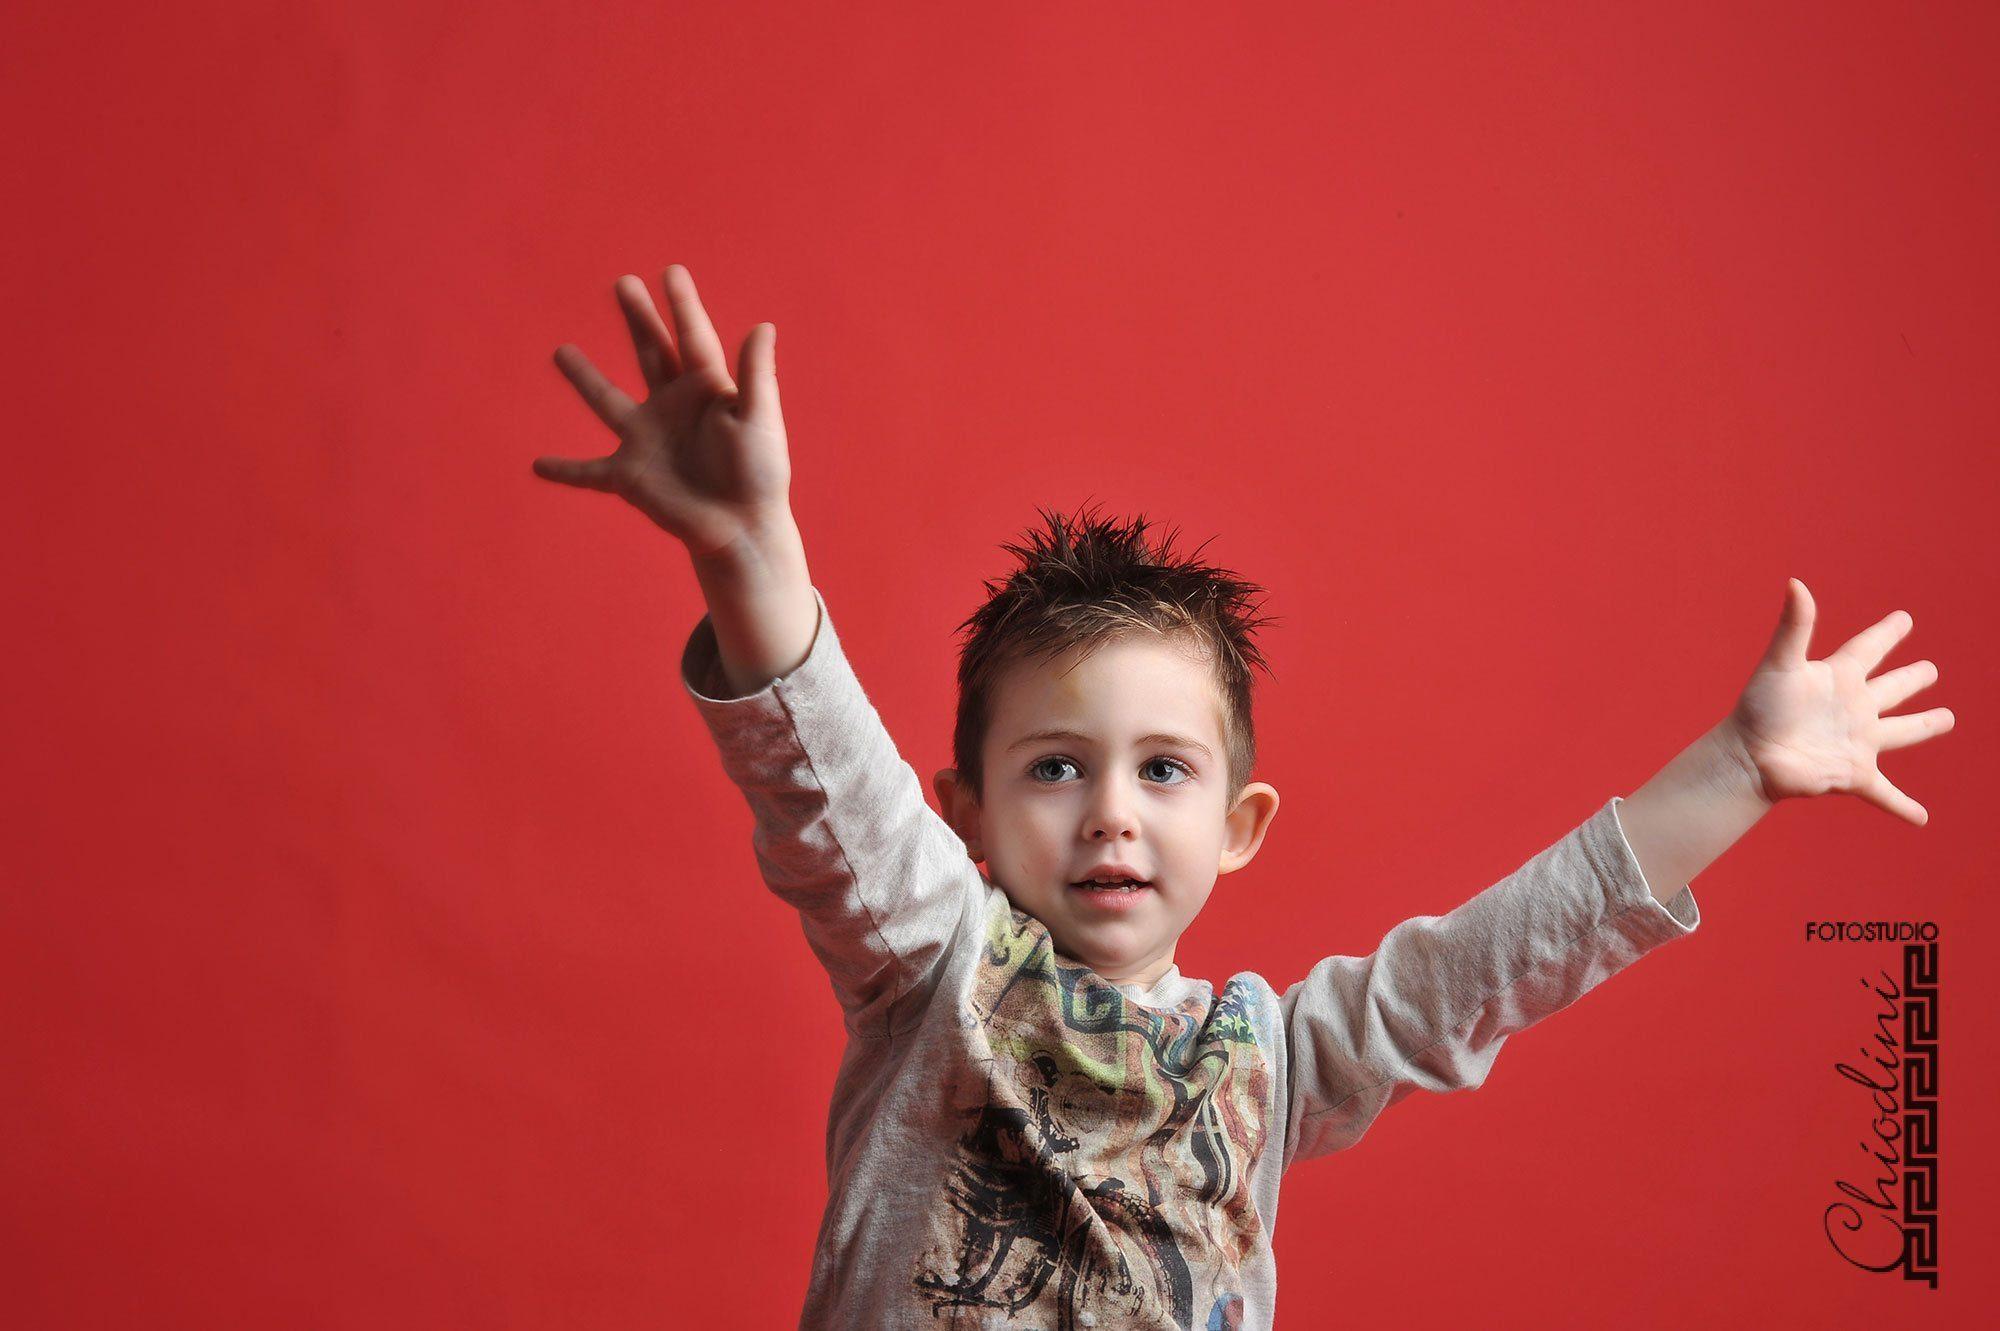 Ritratto fotografico, Prato, foto ritratto professionale bambini